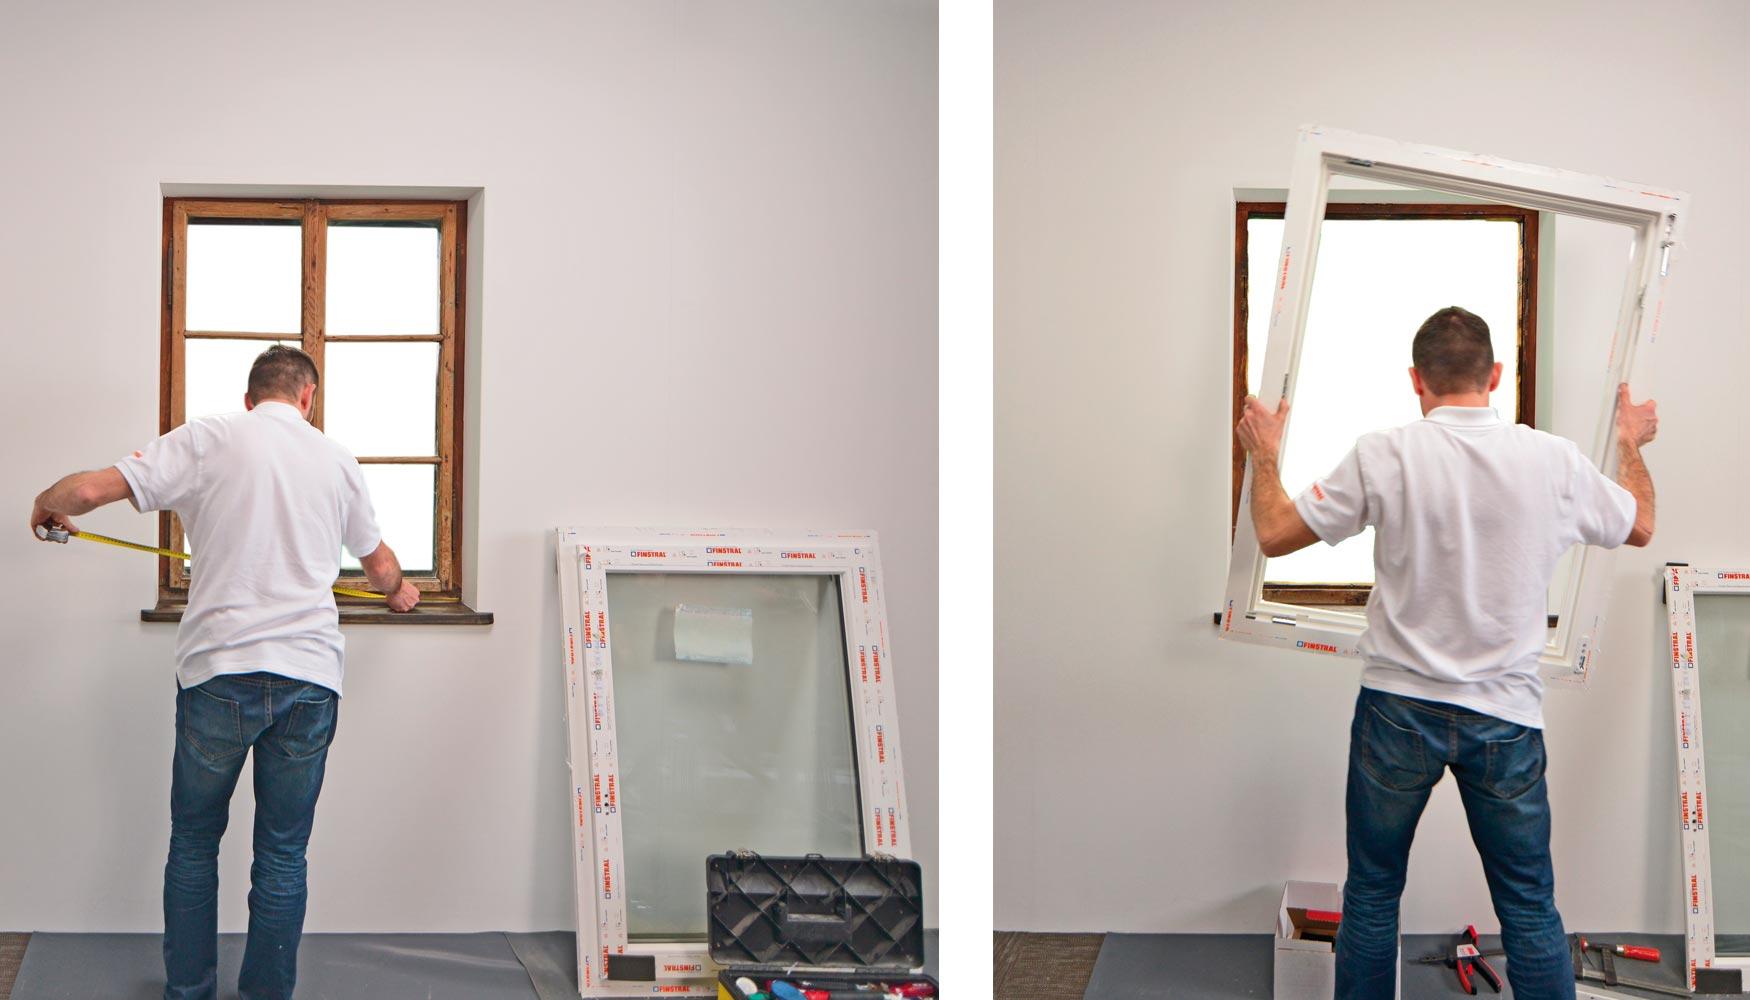 finstral permite una sustitucin de ventanas rpida y eficiente